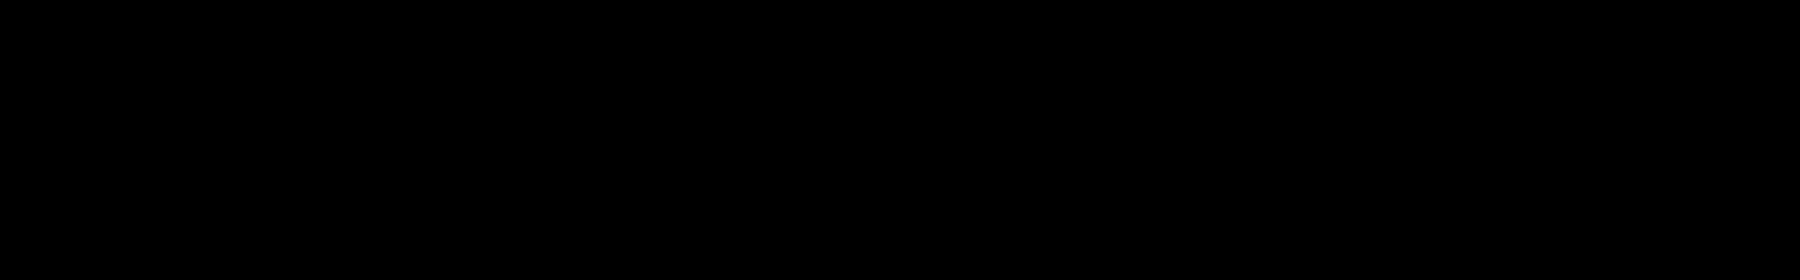 Modern Bass Elements audio waveform